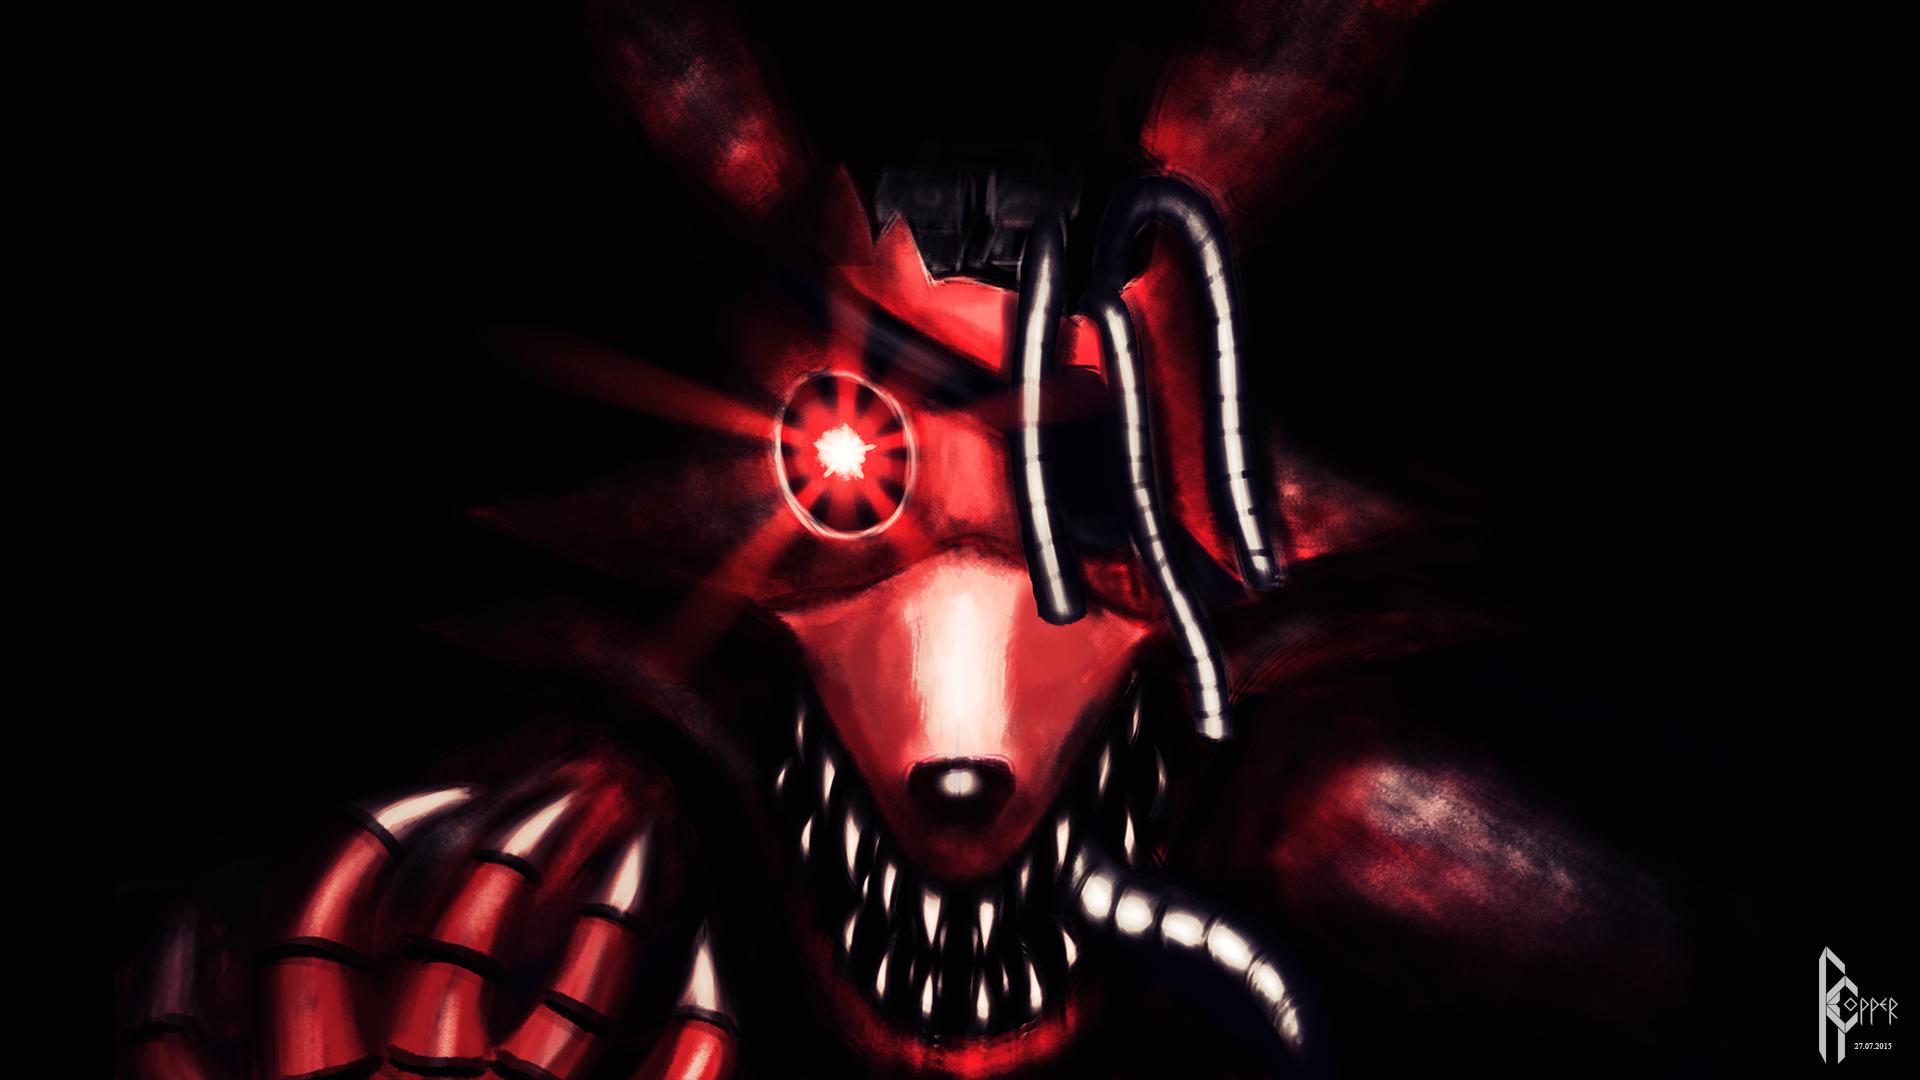 nightmare Foxy wallpaper by fnaf-fan12334 on DeviantArt